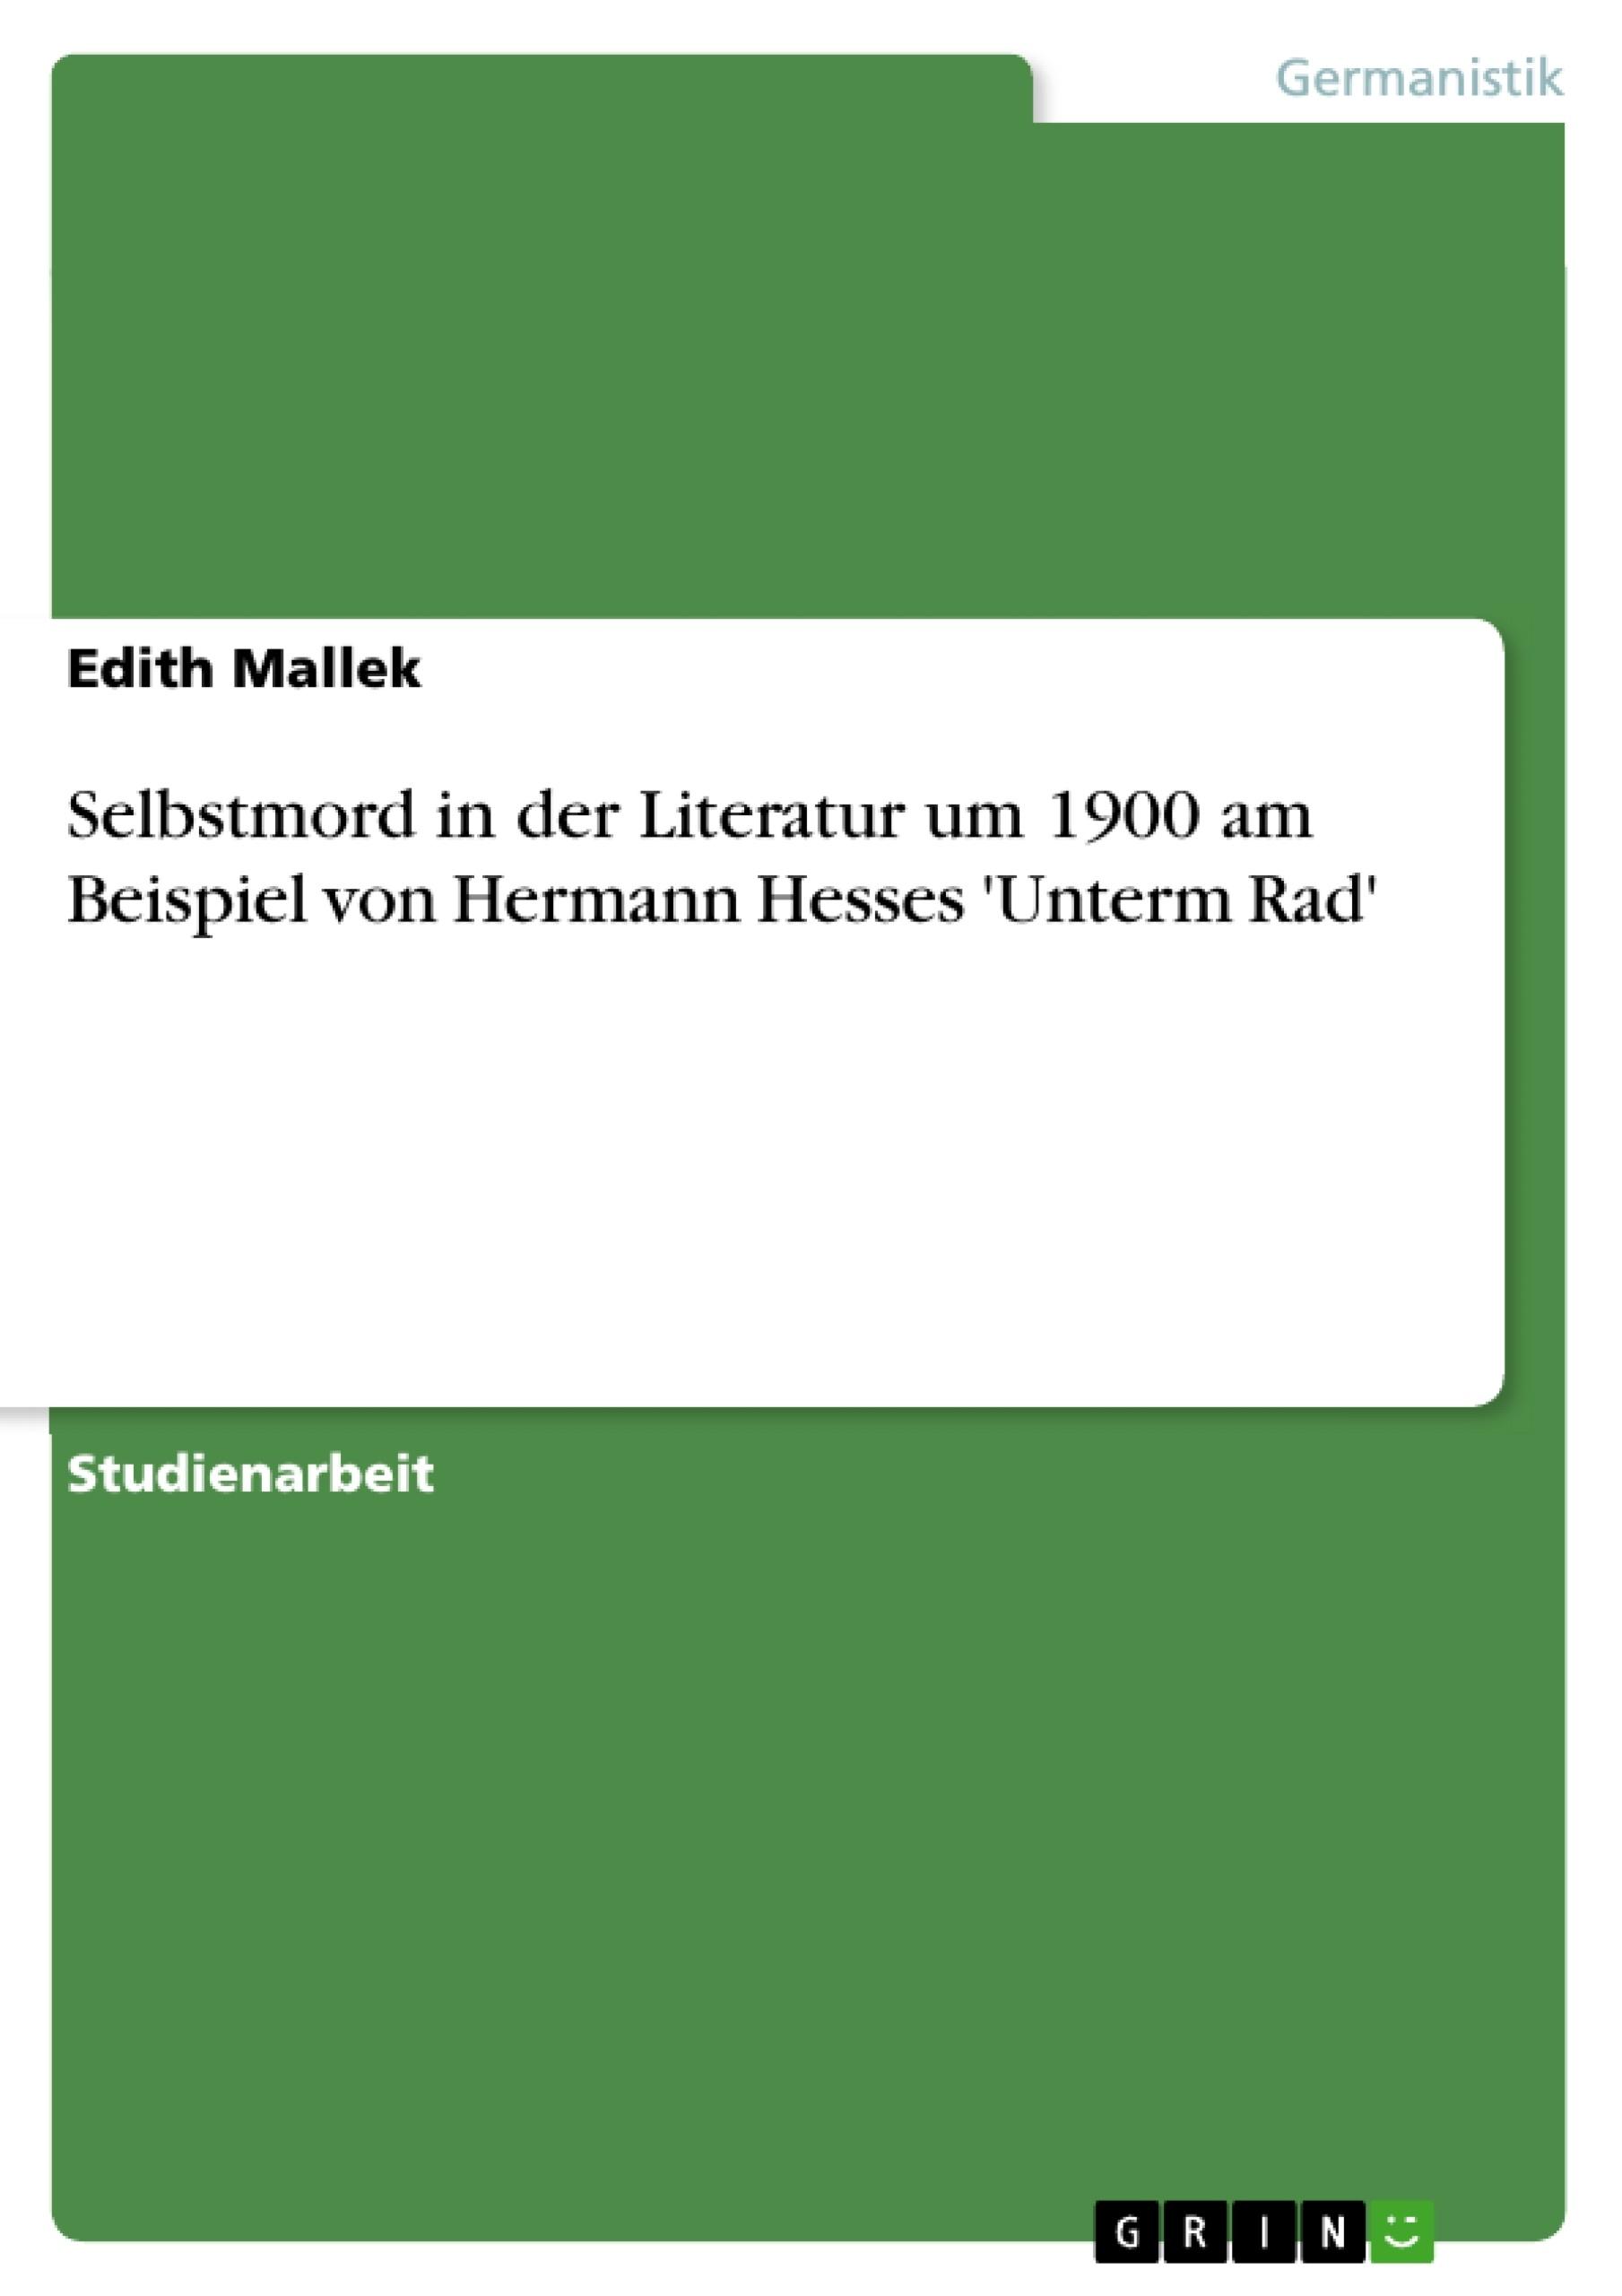 Titel: Selbstmord in der Literatur um 1900 am Beispiel von Hermann Hesses 'Unterm Rad'